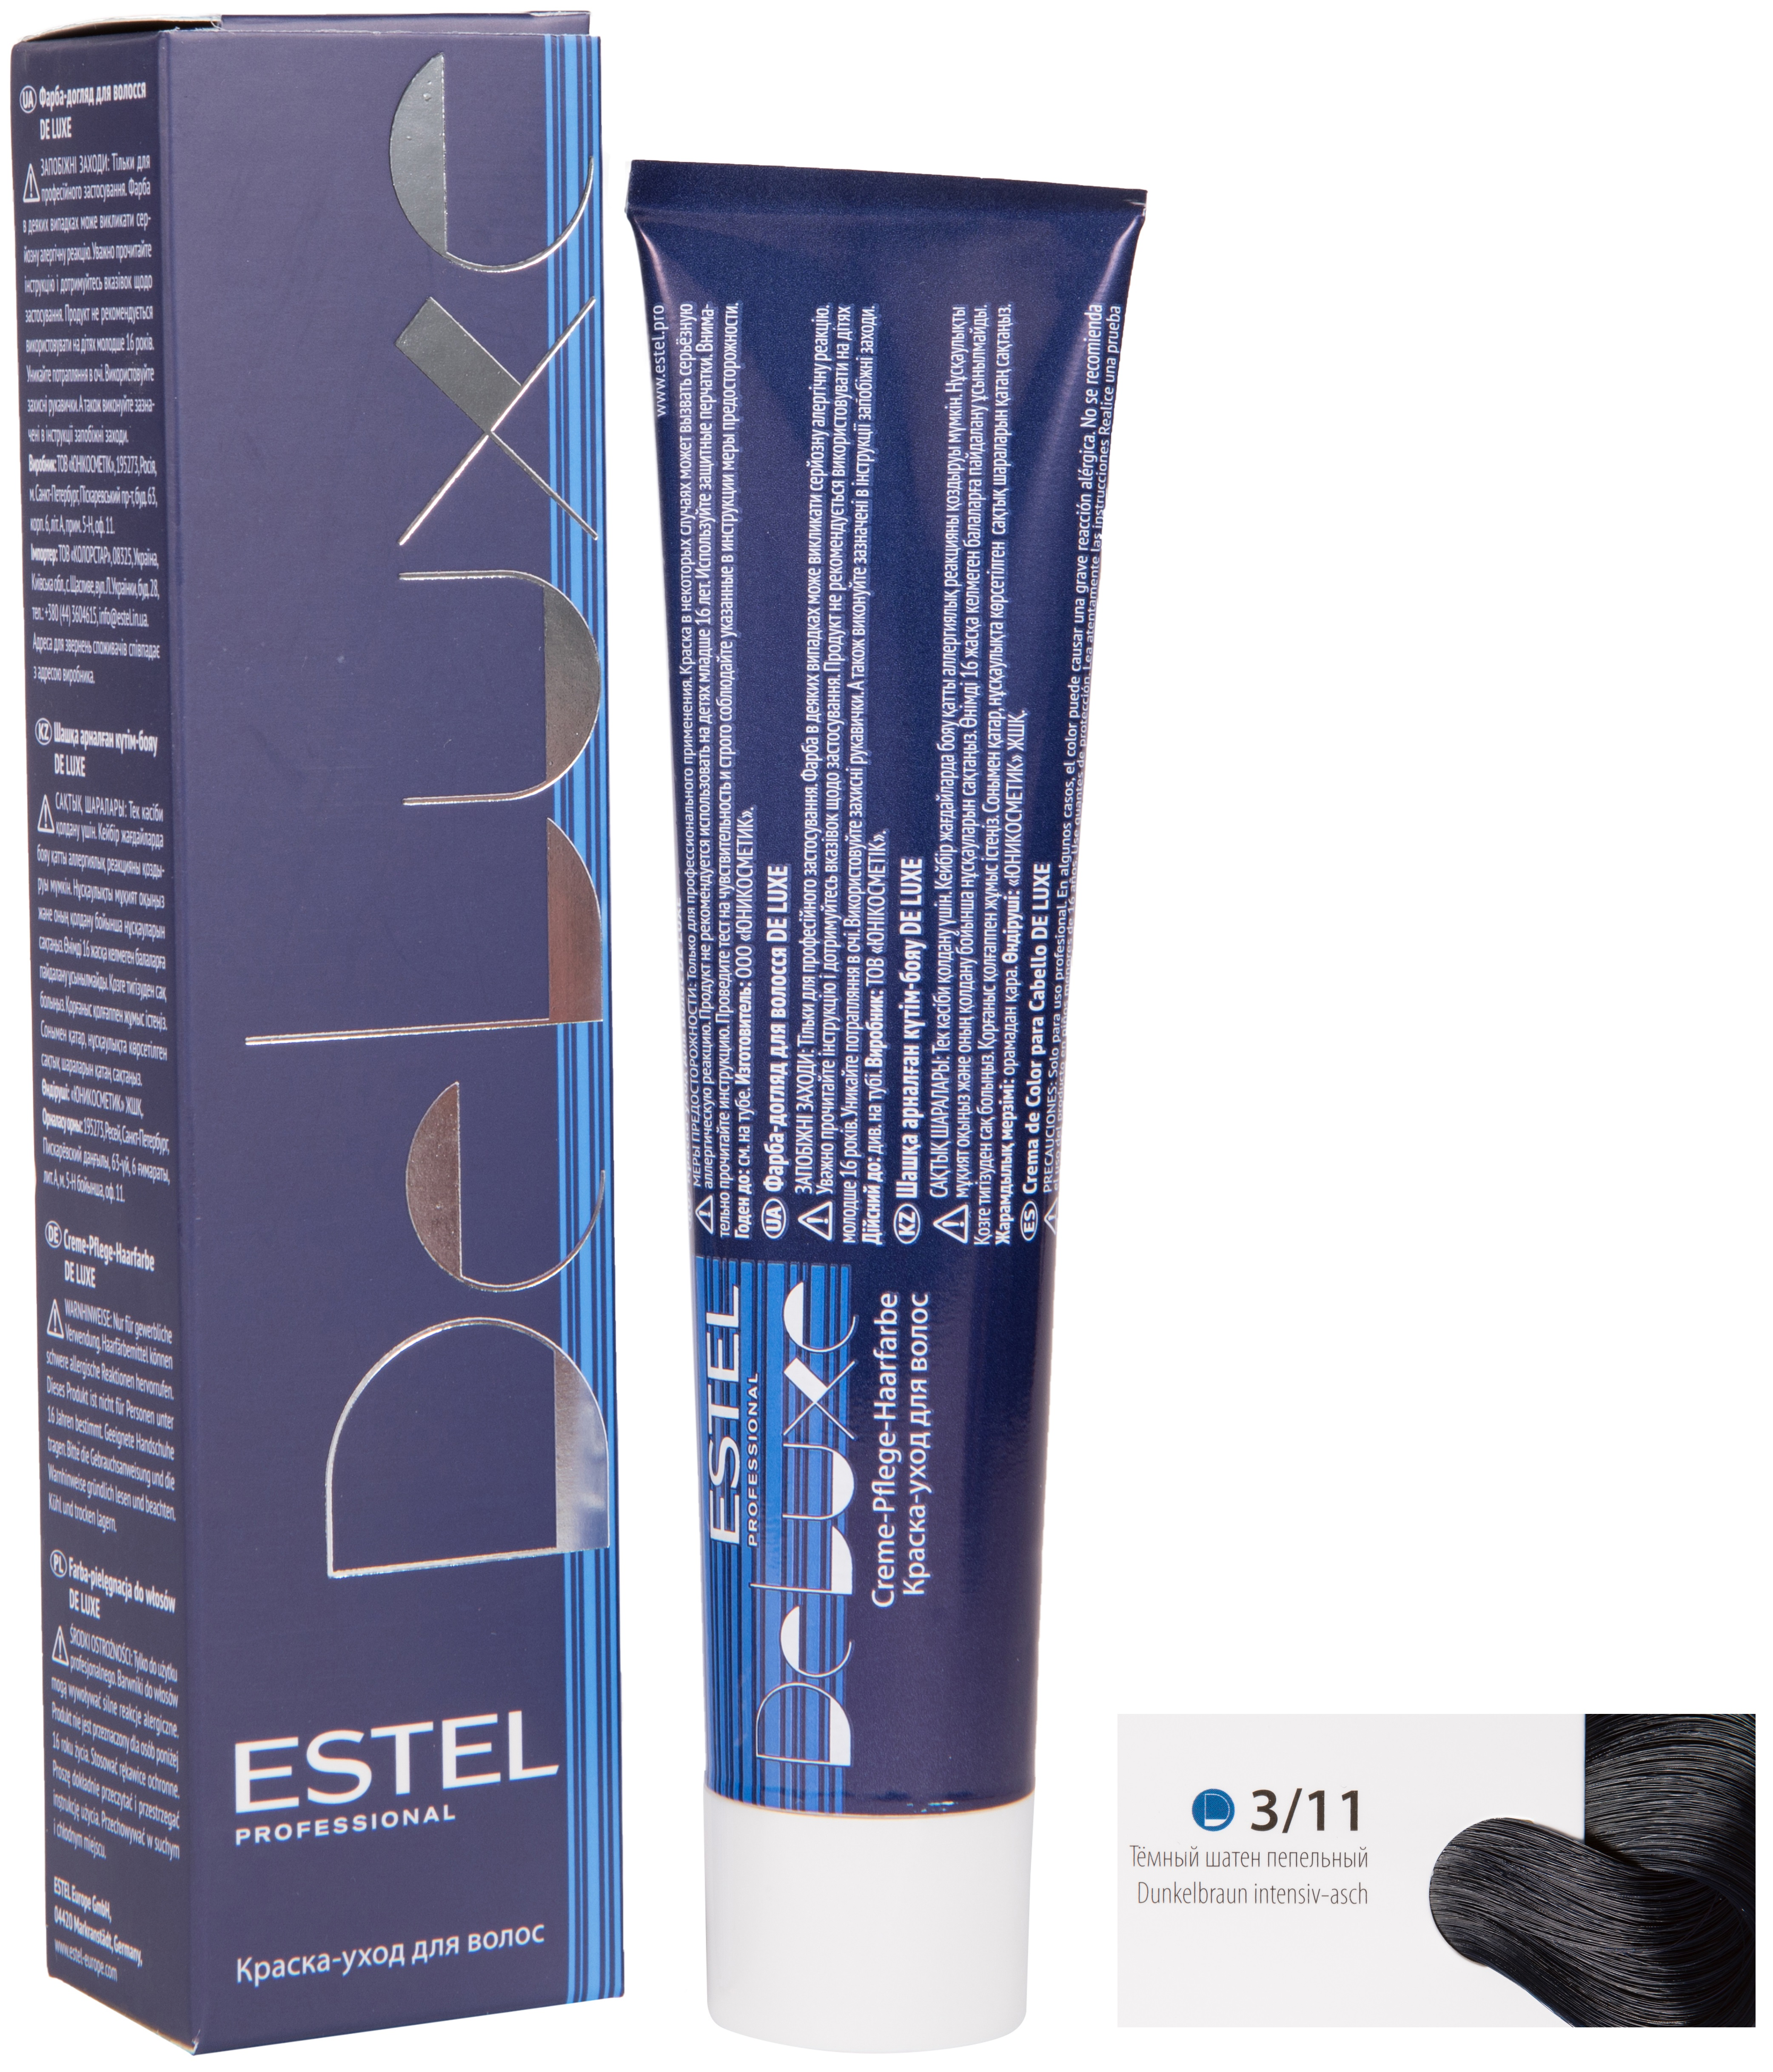 Краска для волос ESTEL PROFESSIONAL DL_окрашиваниеNDL3.11Благодаря содержанию натуральных масел и пантенола краска быстро впитывается в волосы и оказывает ухаживающее действие. Придает глубокий стойкий цвет, смягчает текстуру волос и наполняет изысканным блеском по всей длине.